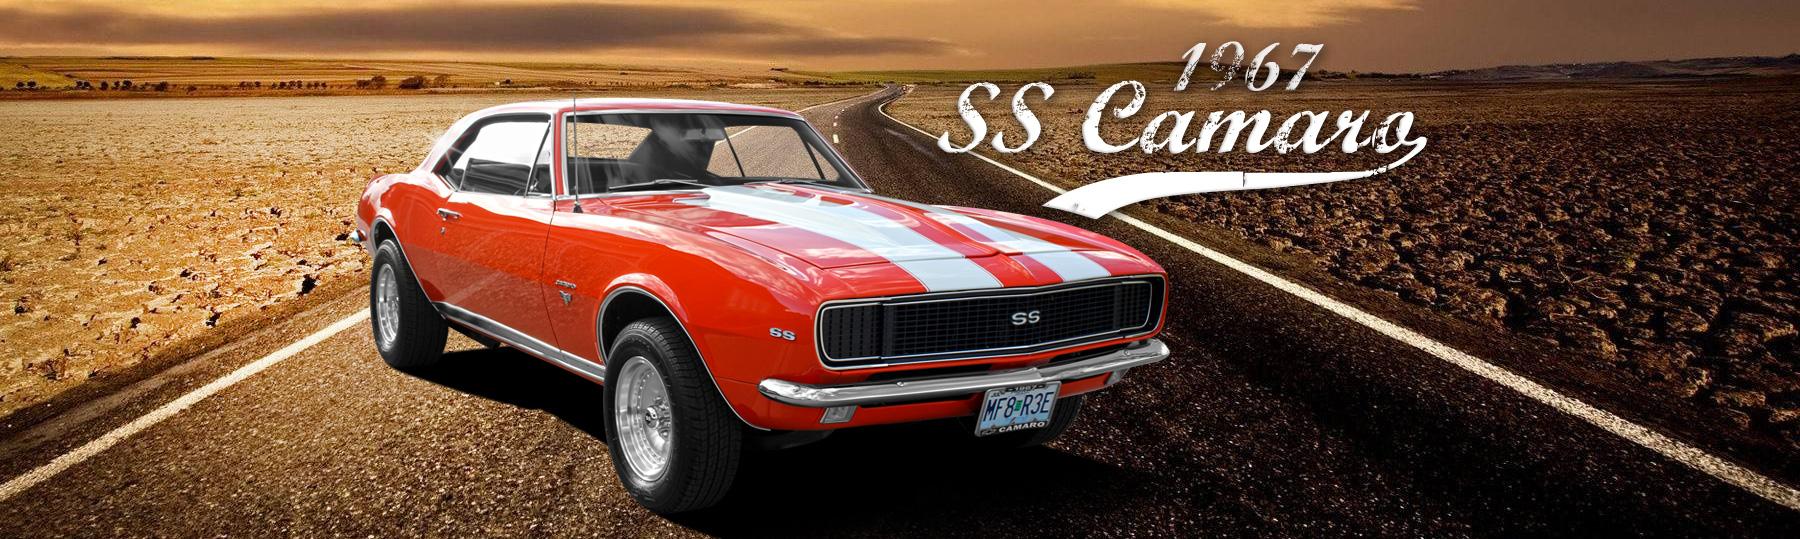 Fineline-67-SS-Camaro-header-1